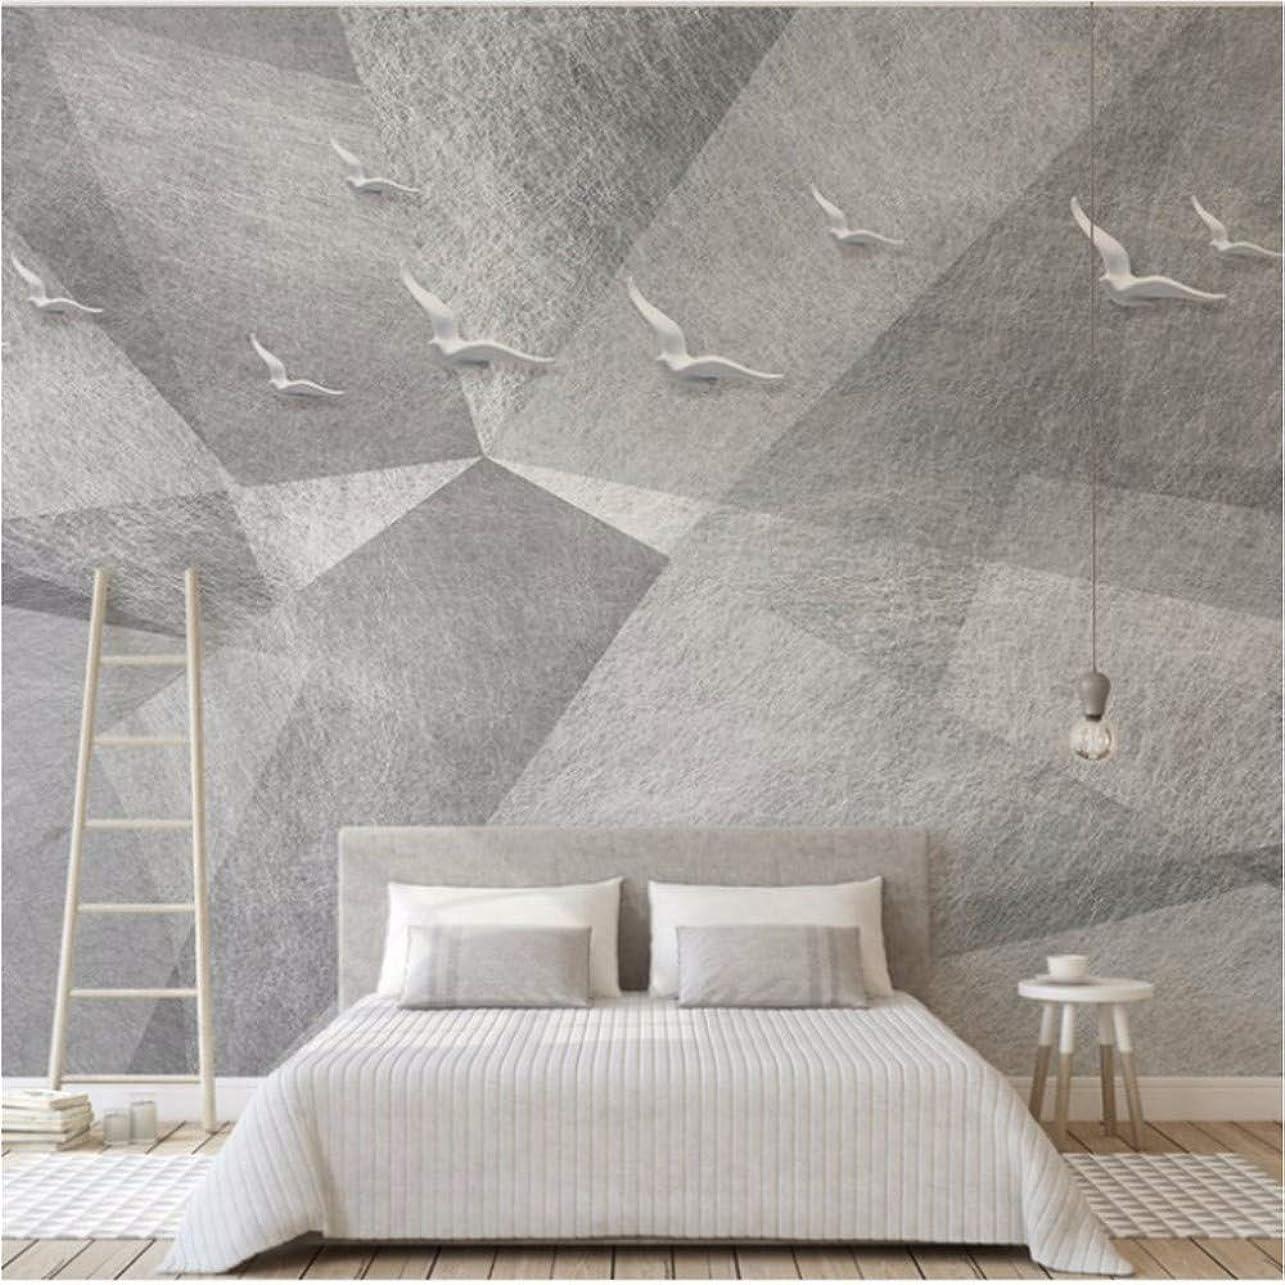 記念ピアノ巡礼者Weaeo 寝室の壁画壁画ムーミングレイエレガントな白いピジョン飛ぶ美しい壁紙??サングラス??壁画-450X300Cm